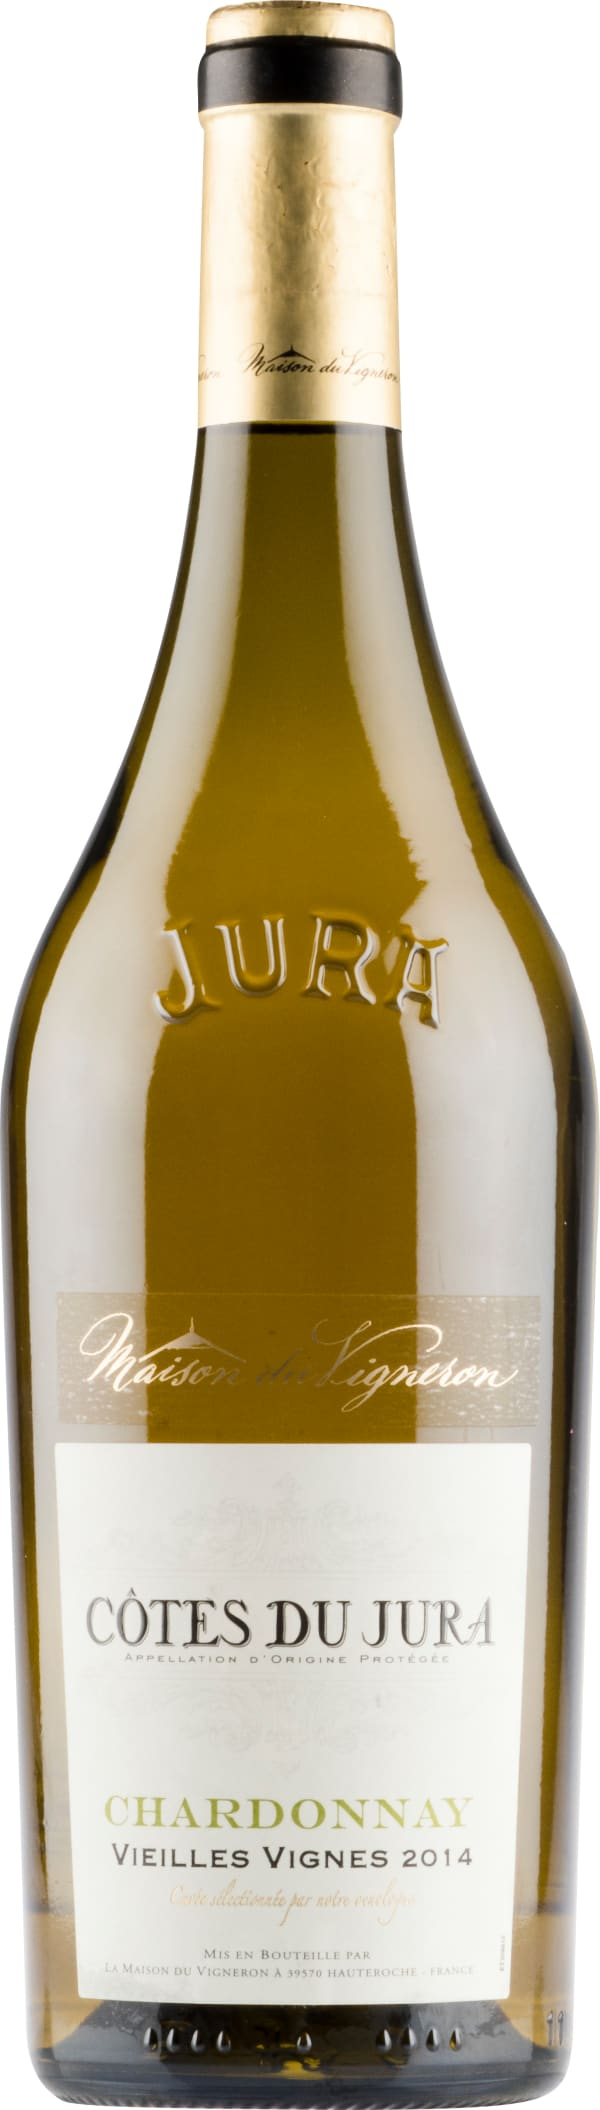 La Maison du Vigneron Vieilles Vignes Jura Chardonnay 2014